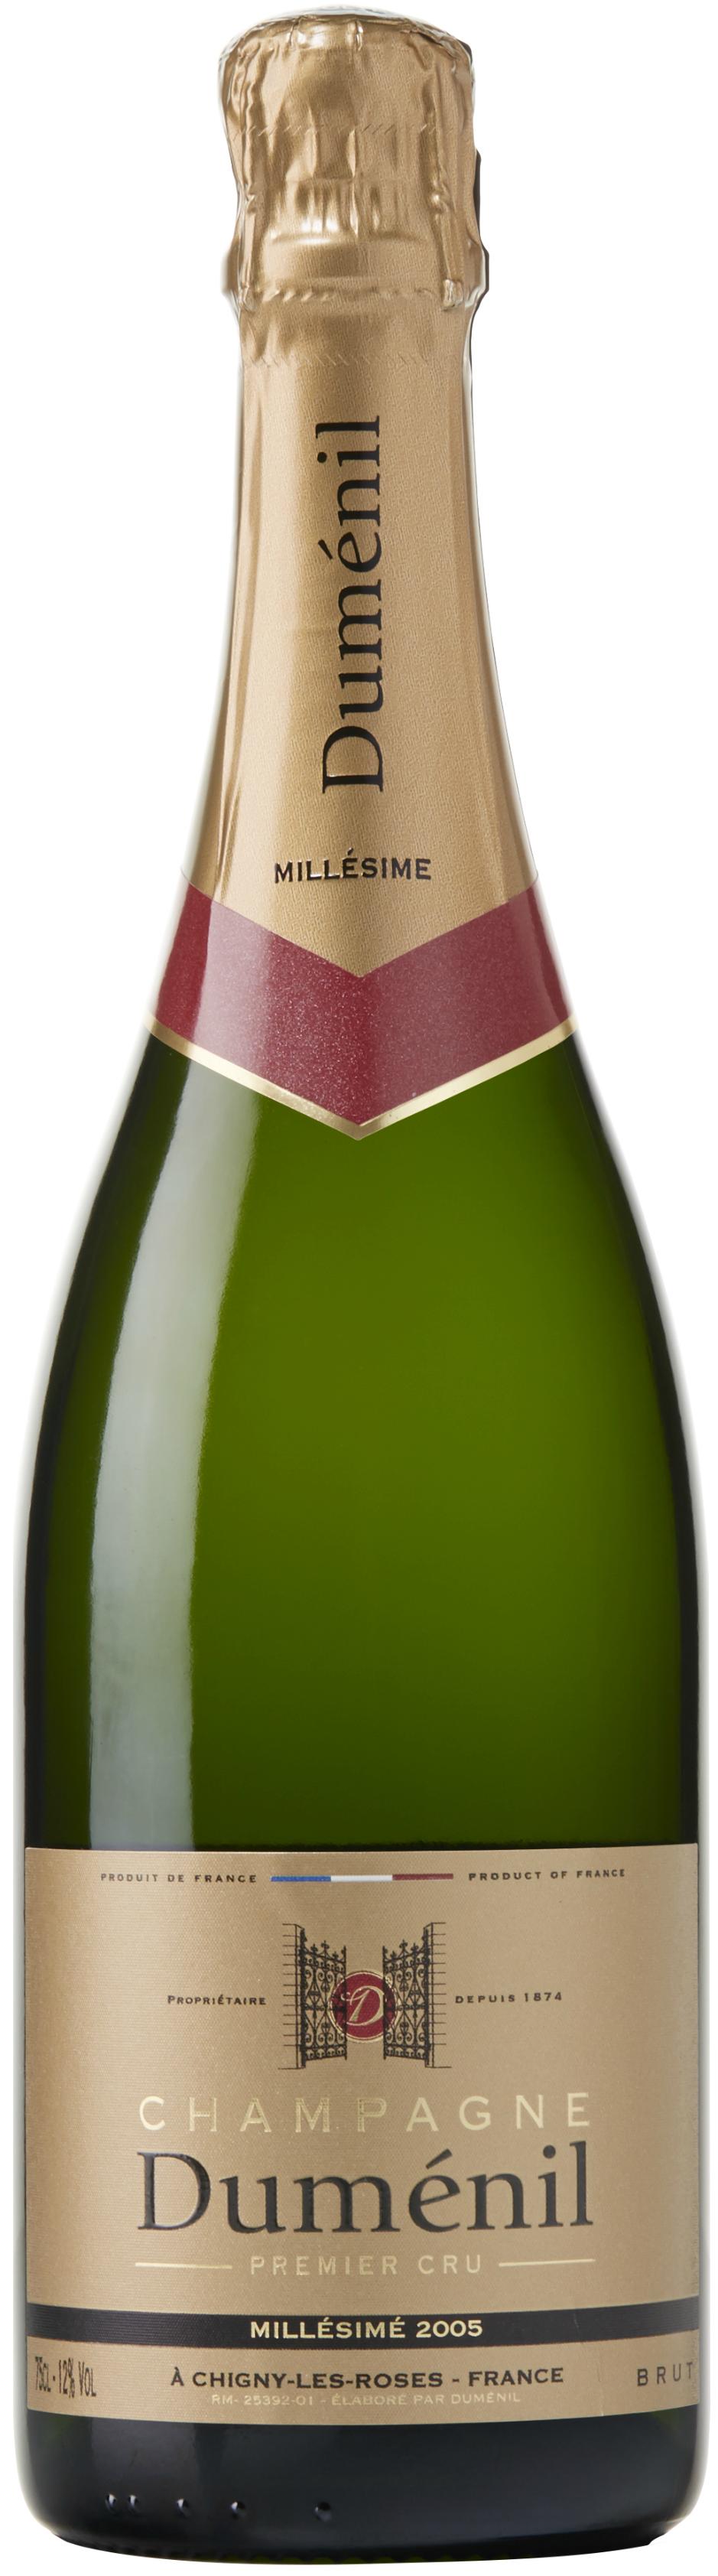 Champagne Dumenil Brut Millésimé 2005-0